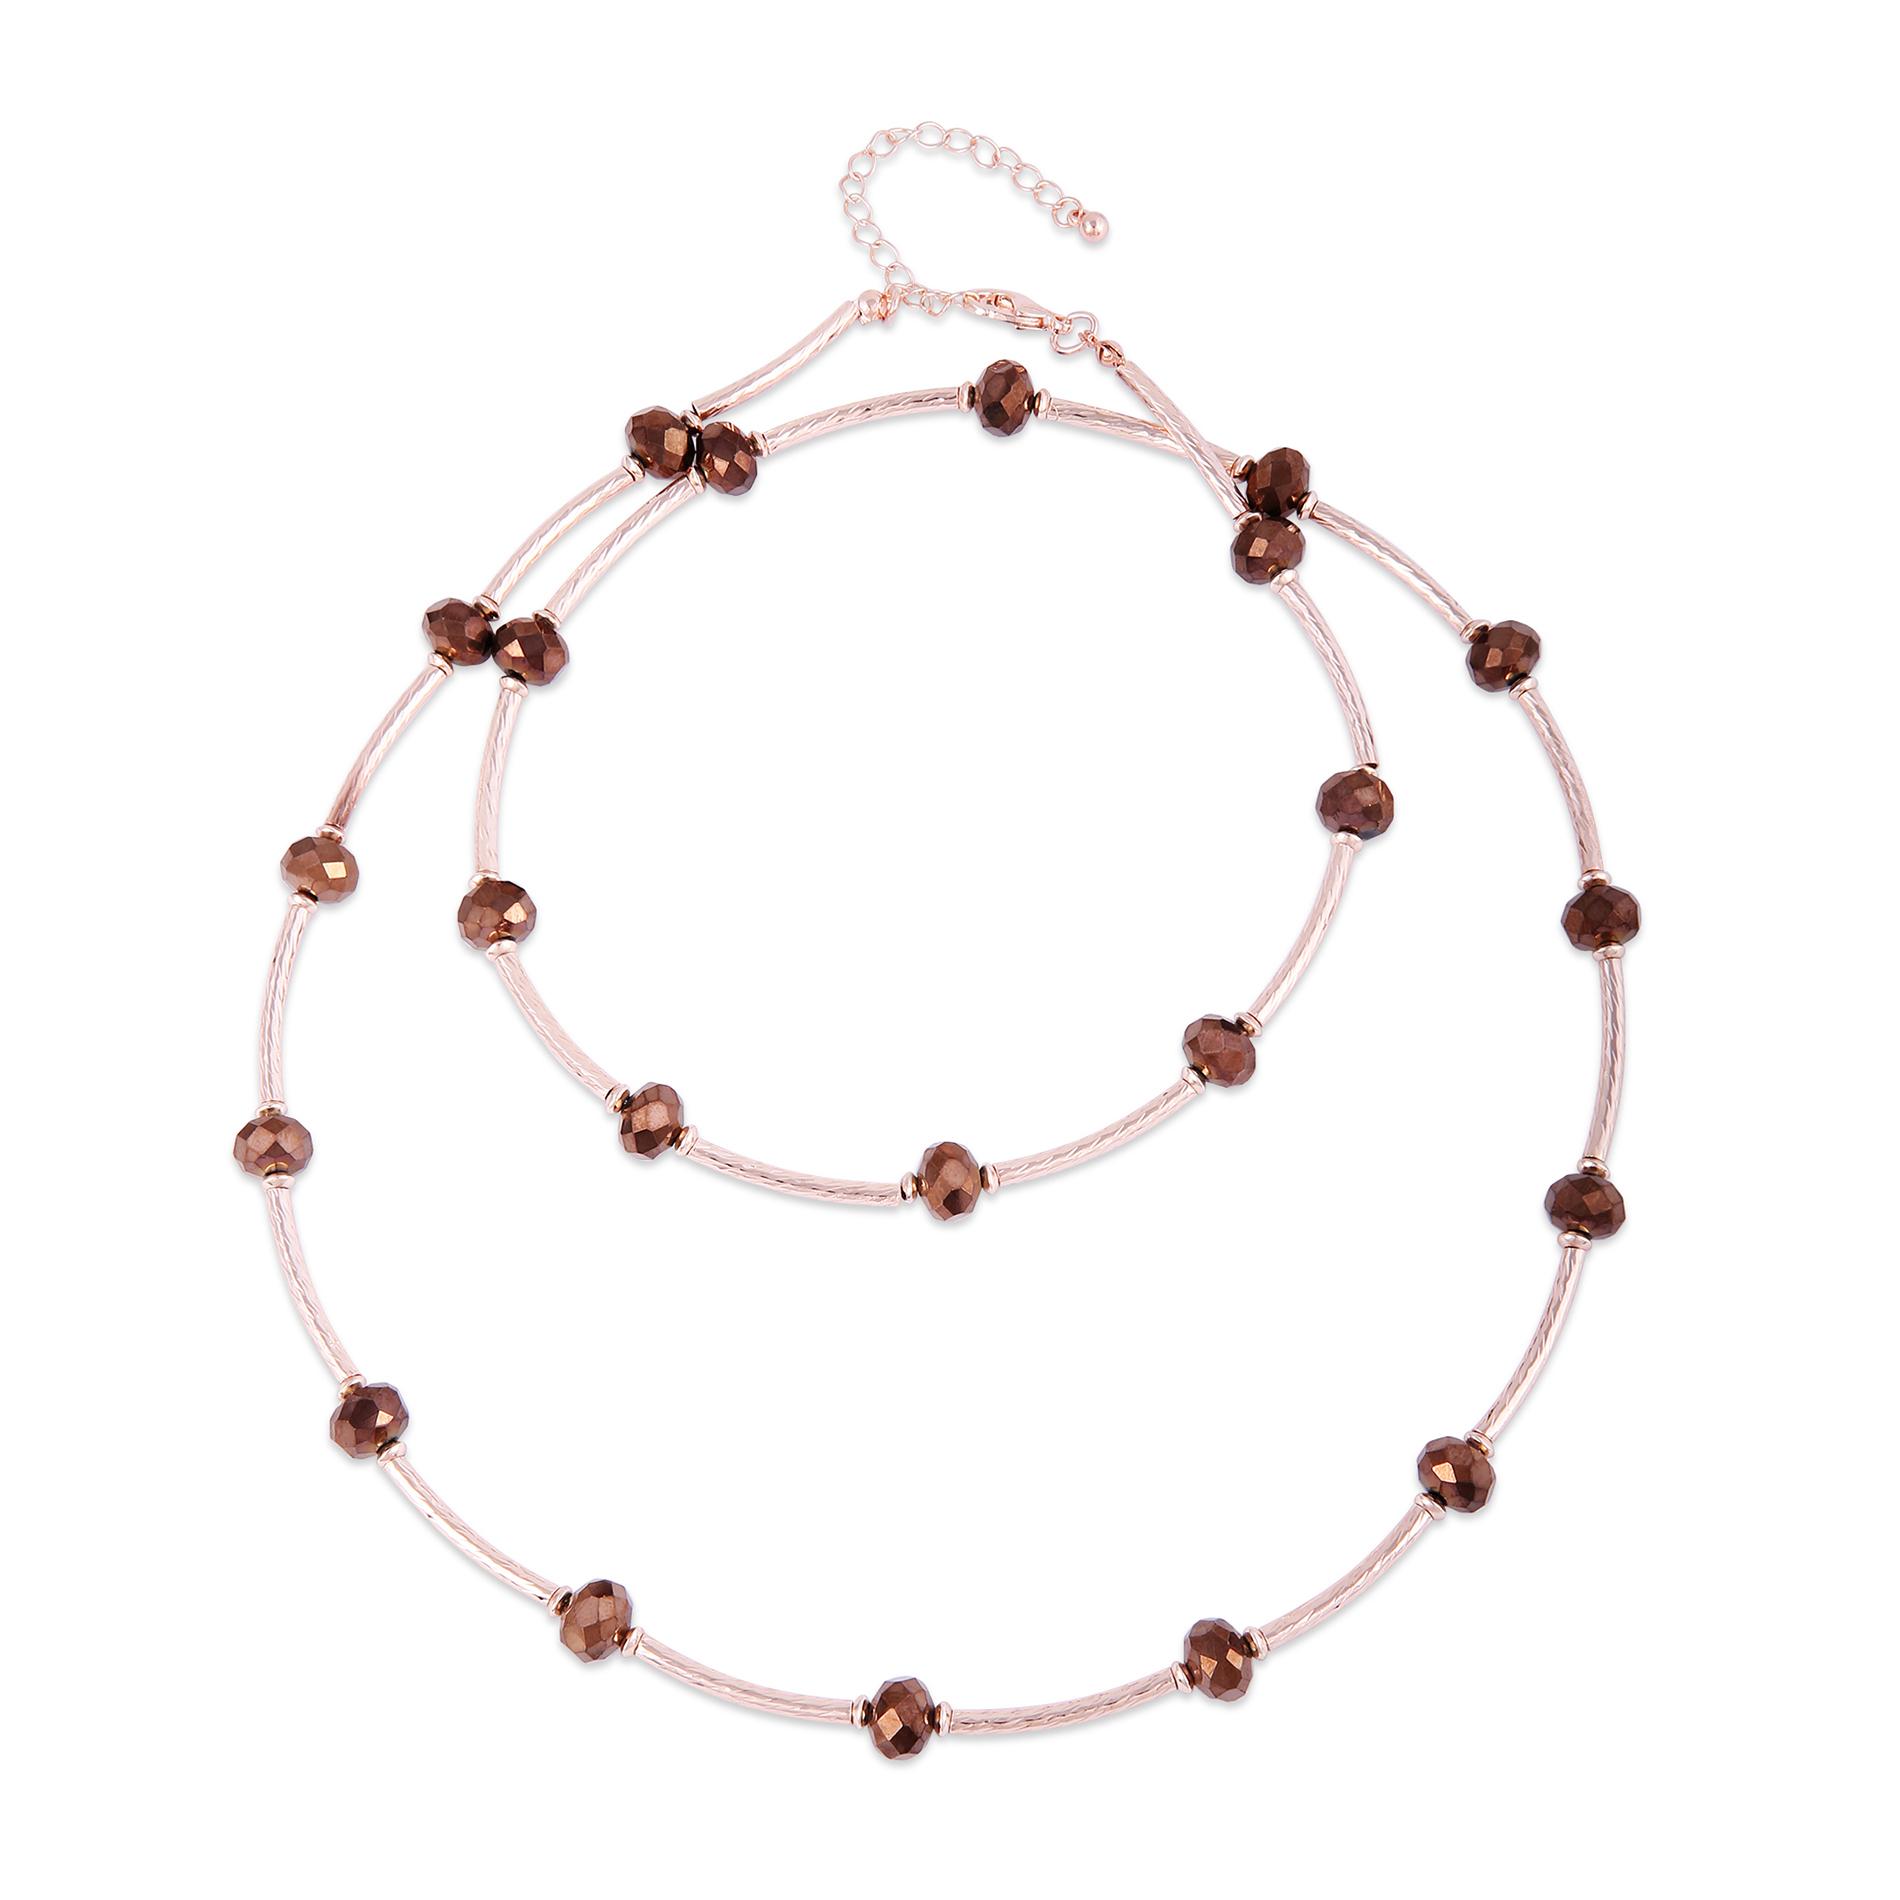 waterbury garment Rondelle Embellished Long Necklace, Metallic/ Rose gold tone im test